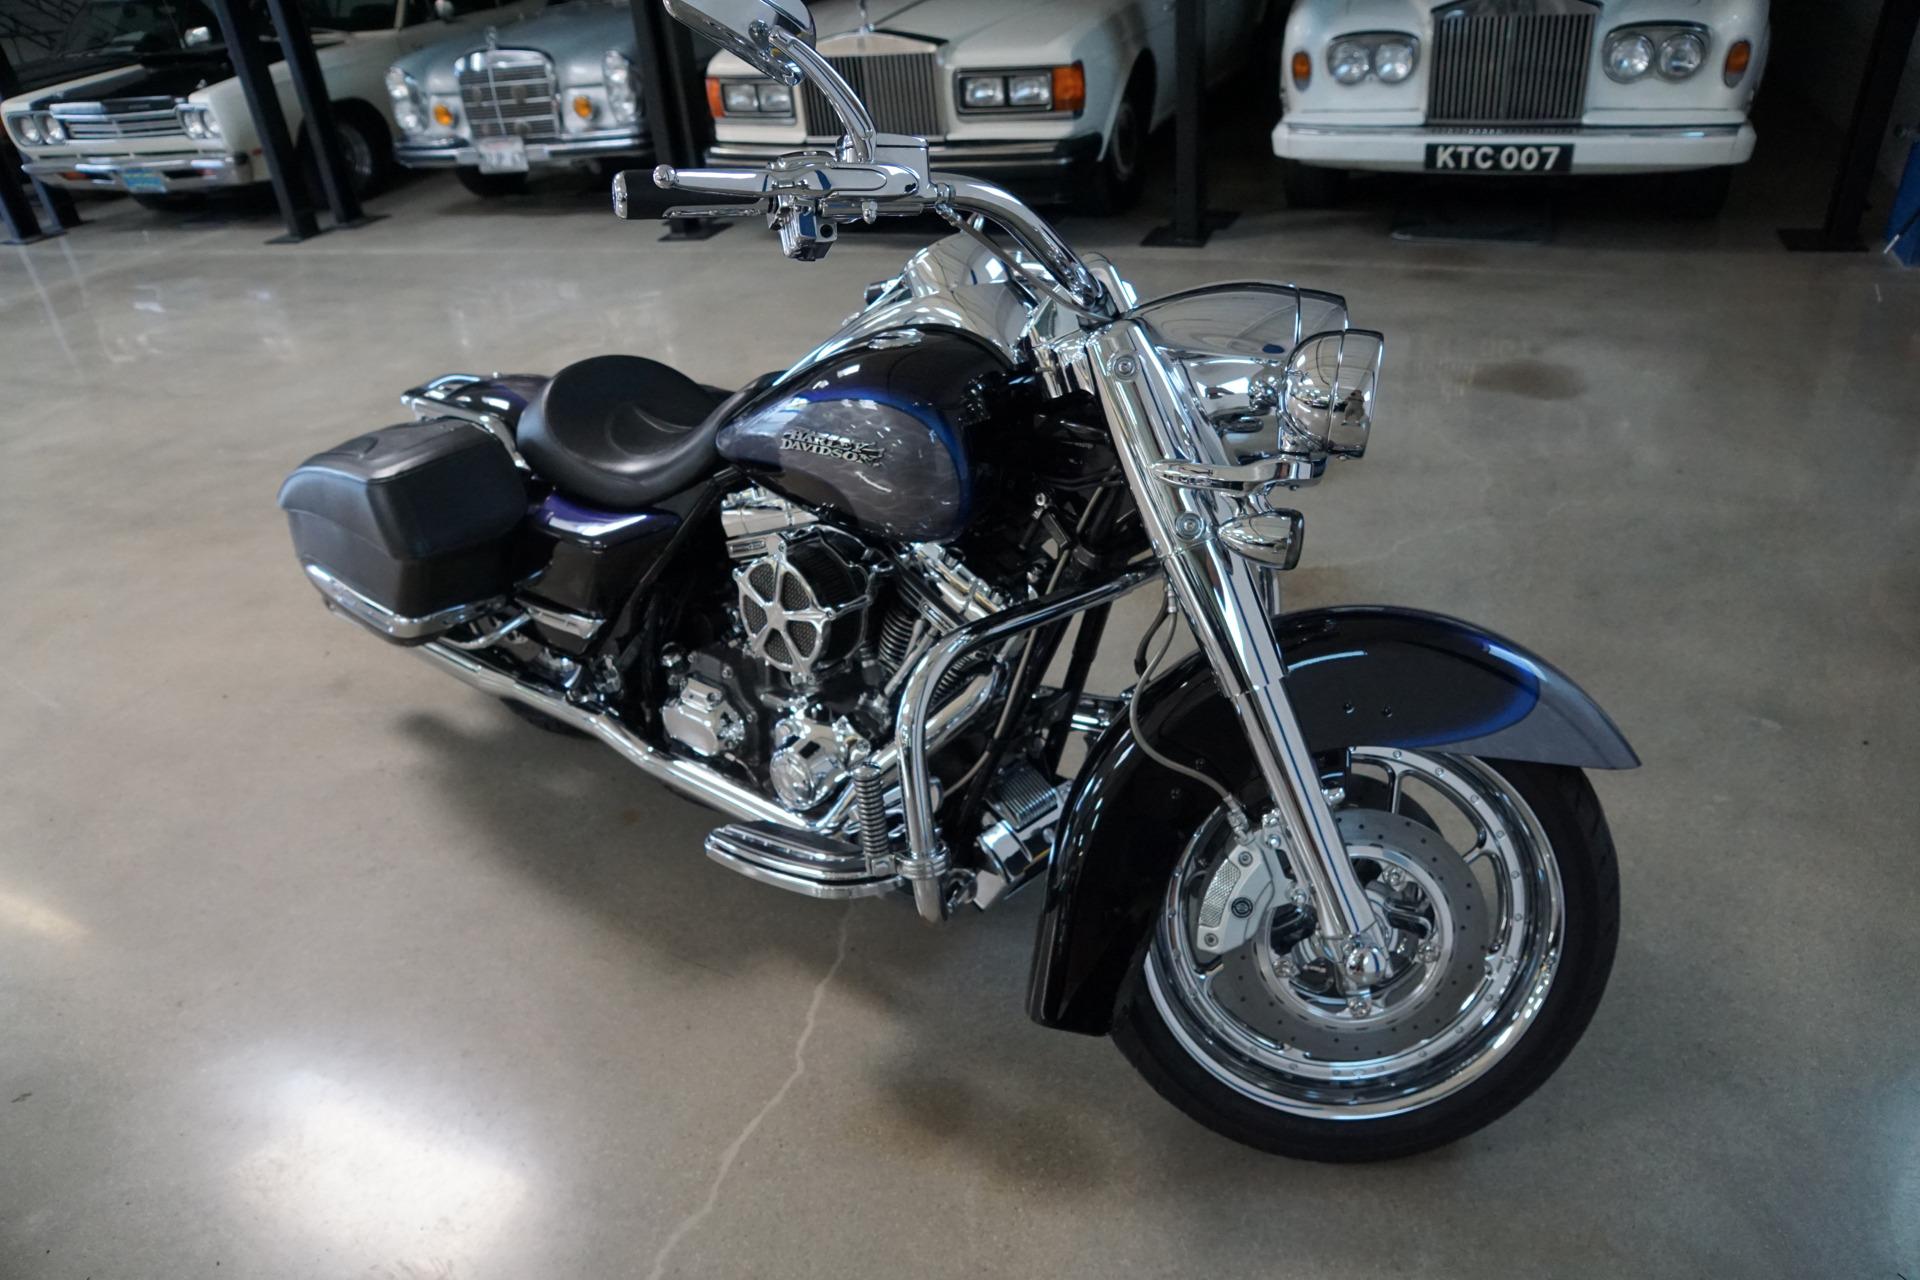 2008 Harley Davidson Flhrse4 Screamin Eagle Road King